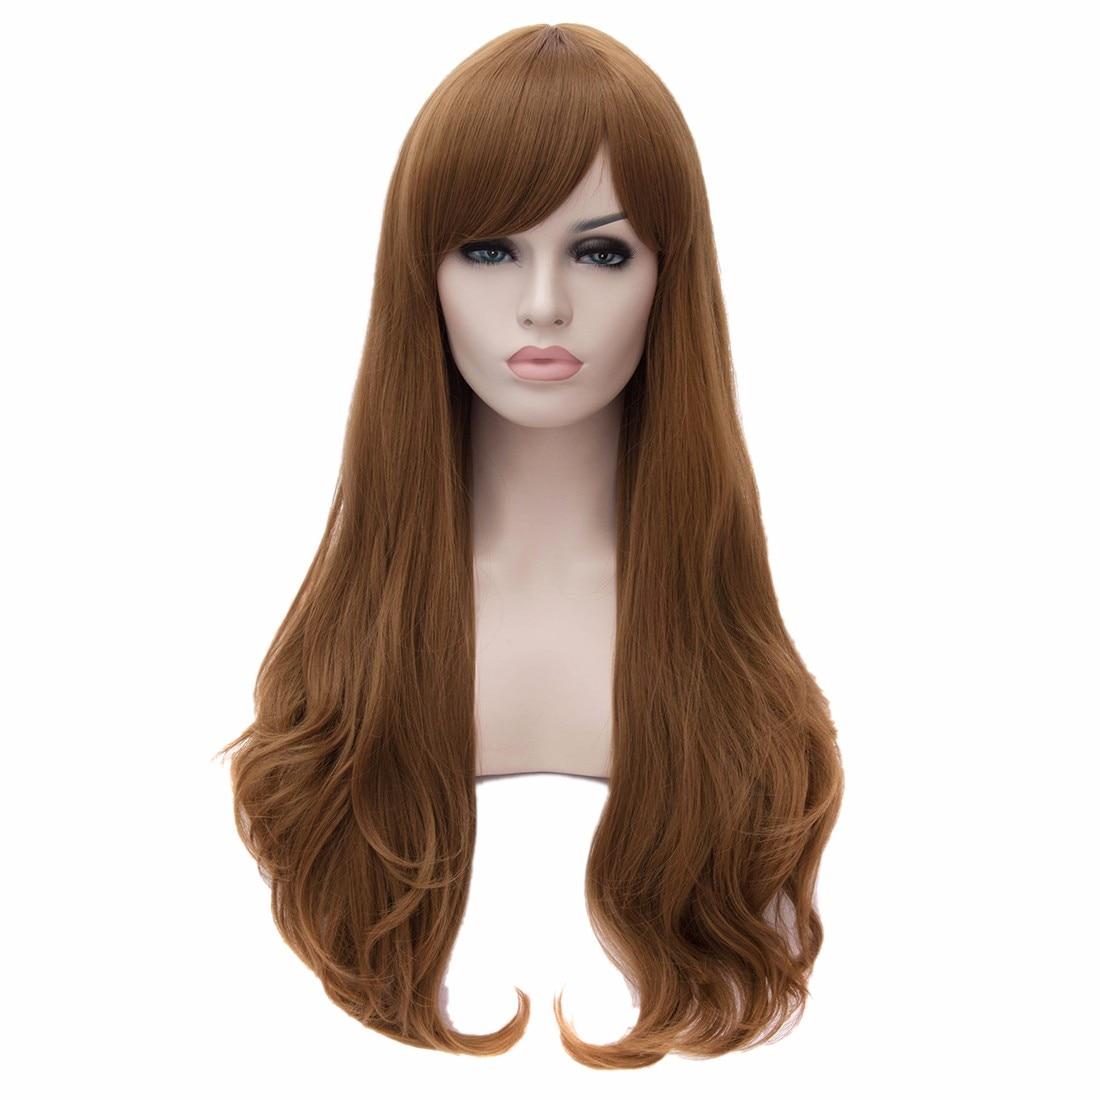 nuevas mujeres peluca marrn rizado ondulado pequeo capas moda corte de pelo long resistente pelucas perruque peluca peruca en pelucas sintticas de